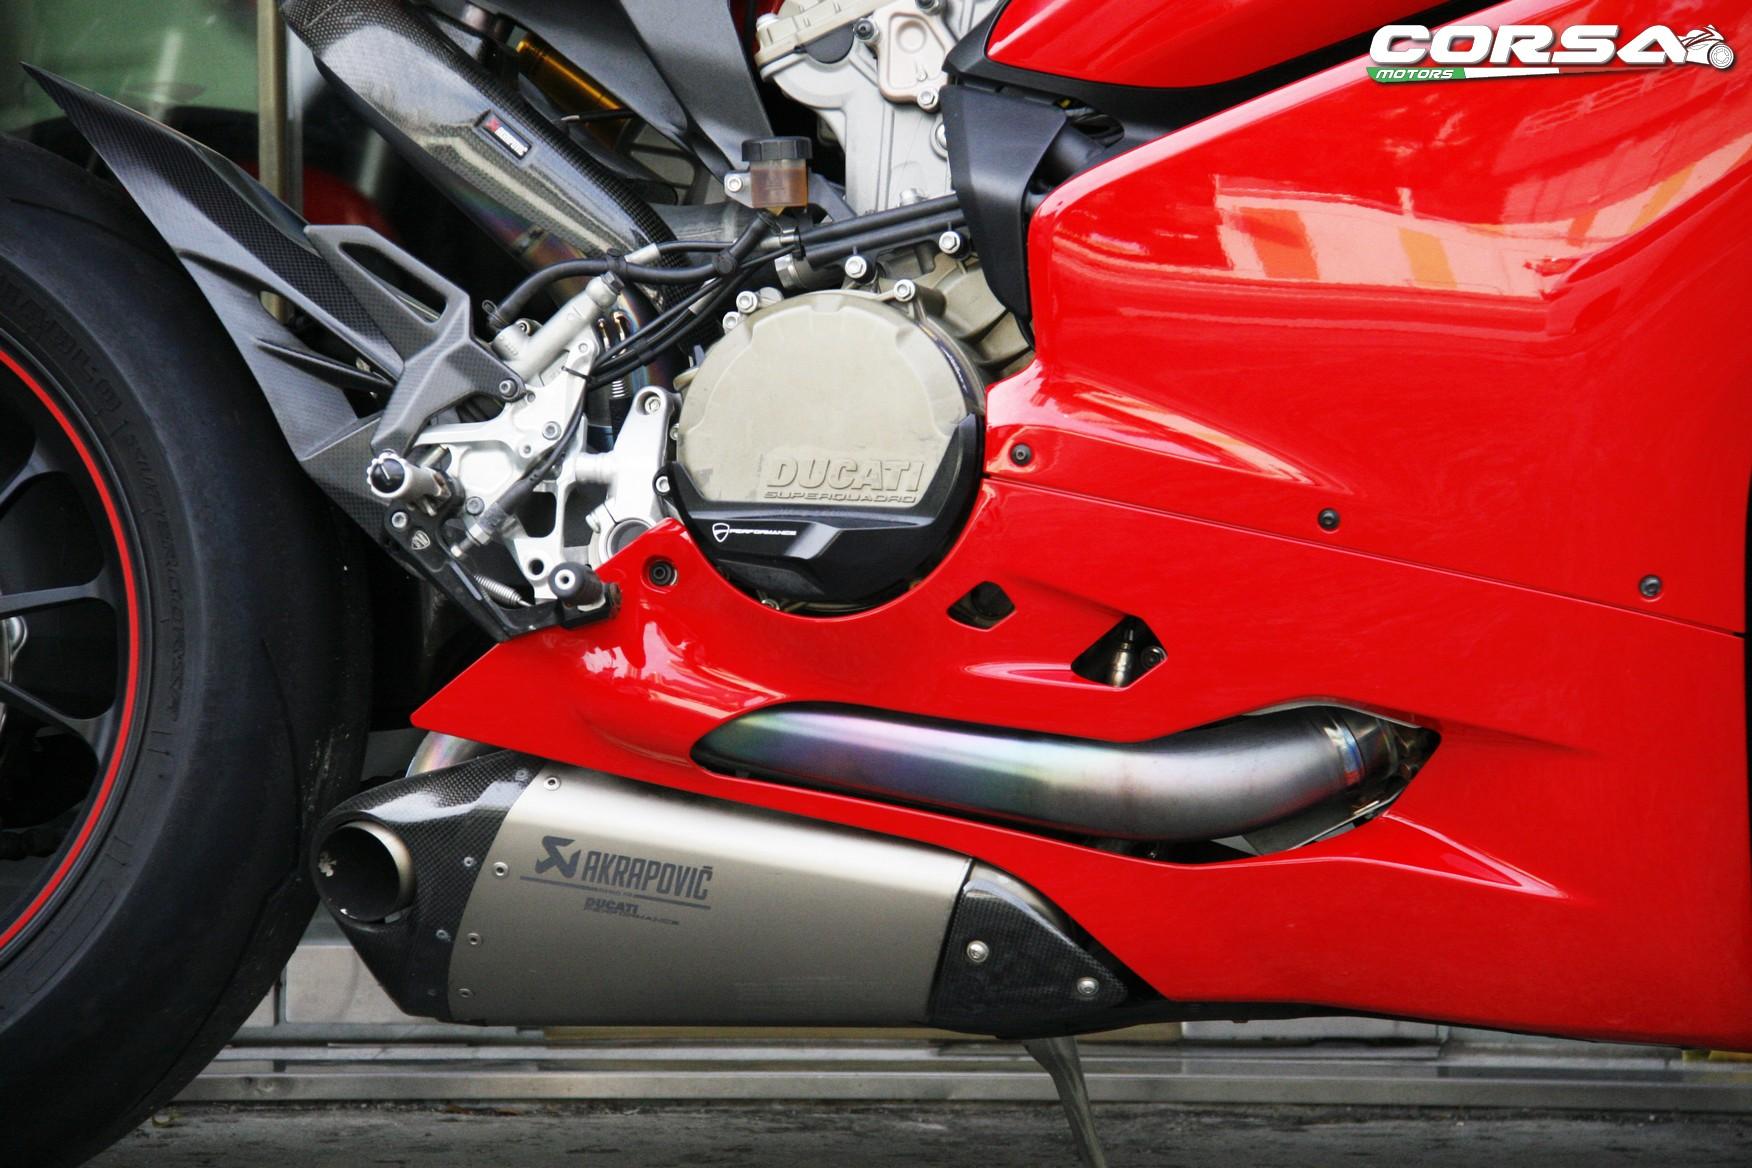 DUCATI 1299 Superleggera 二手車 2015年 - 「Webike摩托車市」